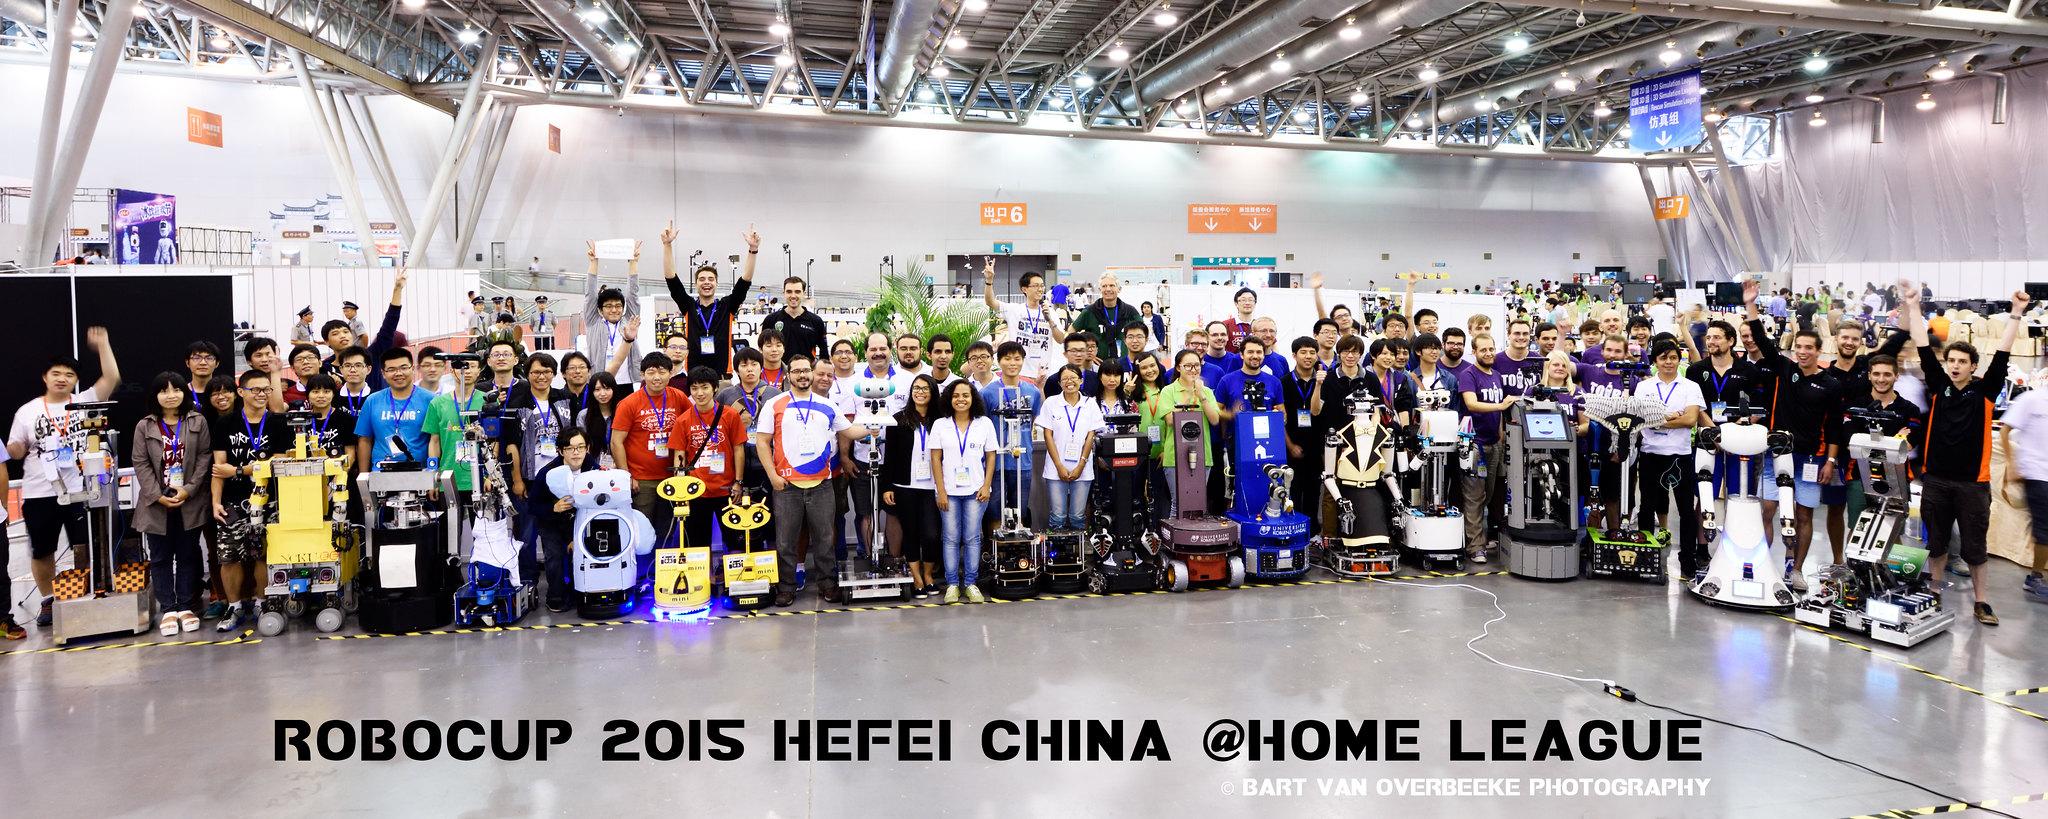 WK RoboCup 2015 China